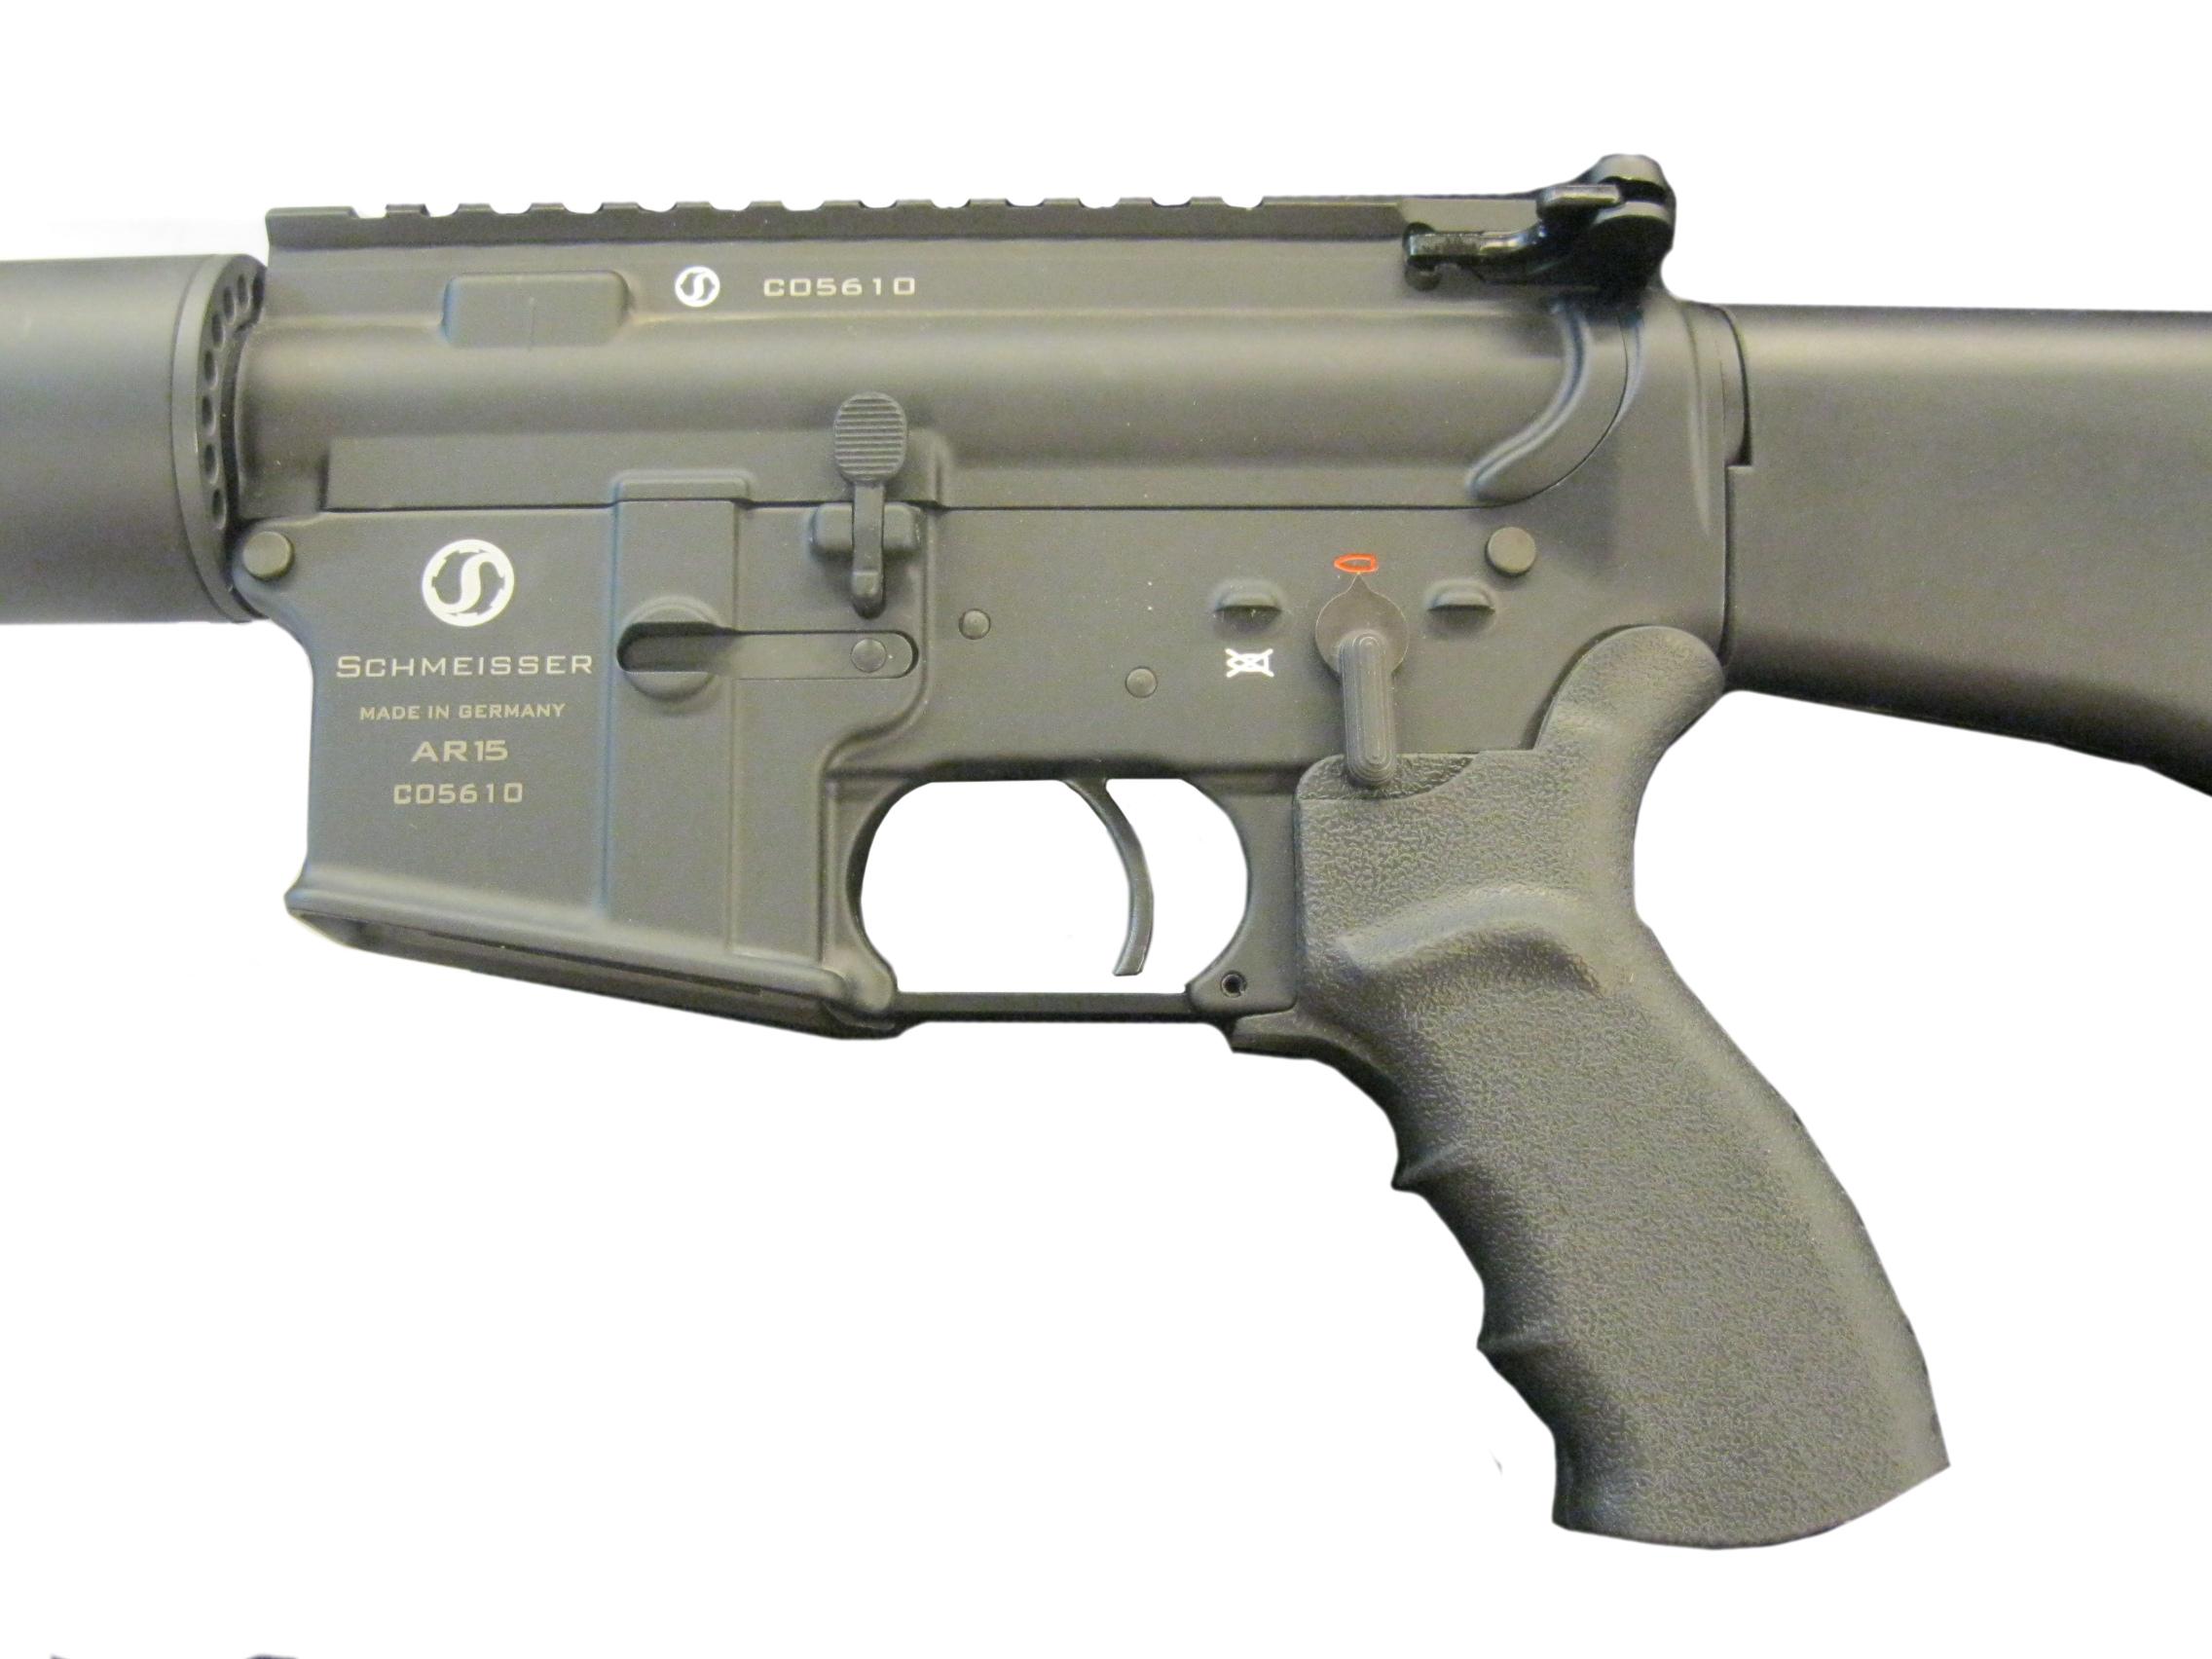 Карабин Schmeisser AR15 Carbine 9mm Luger купить в интернет